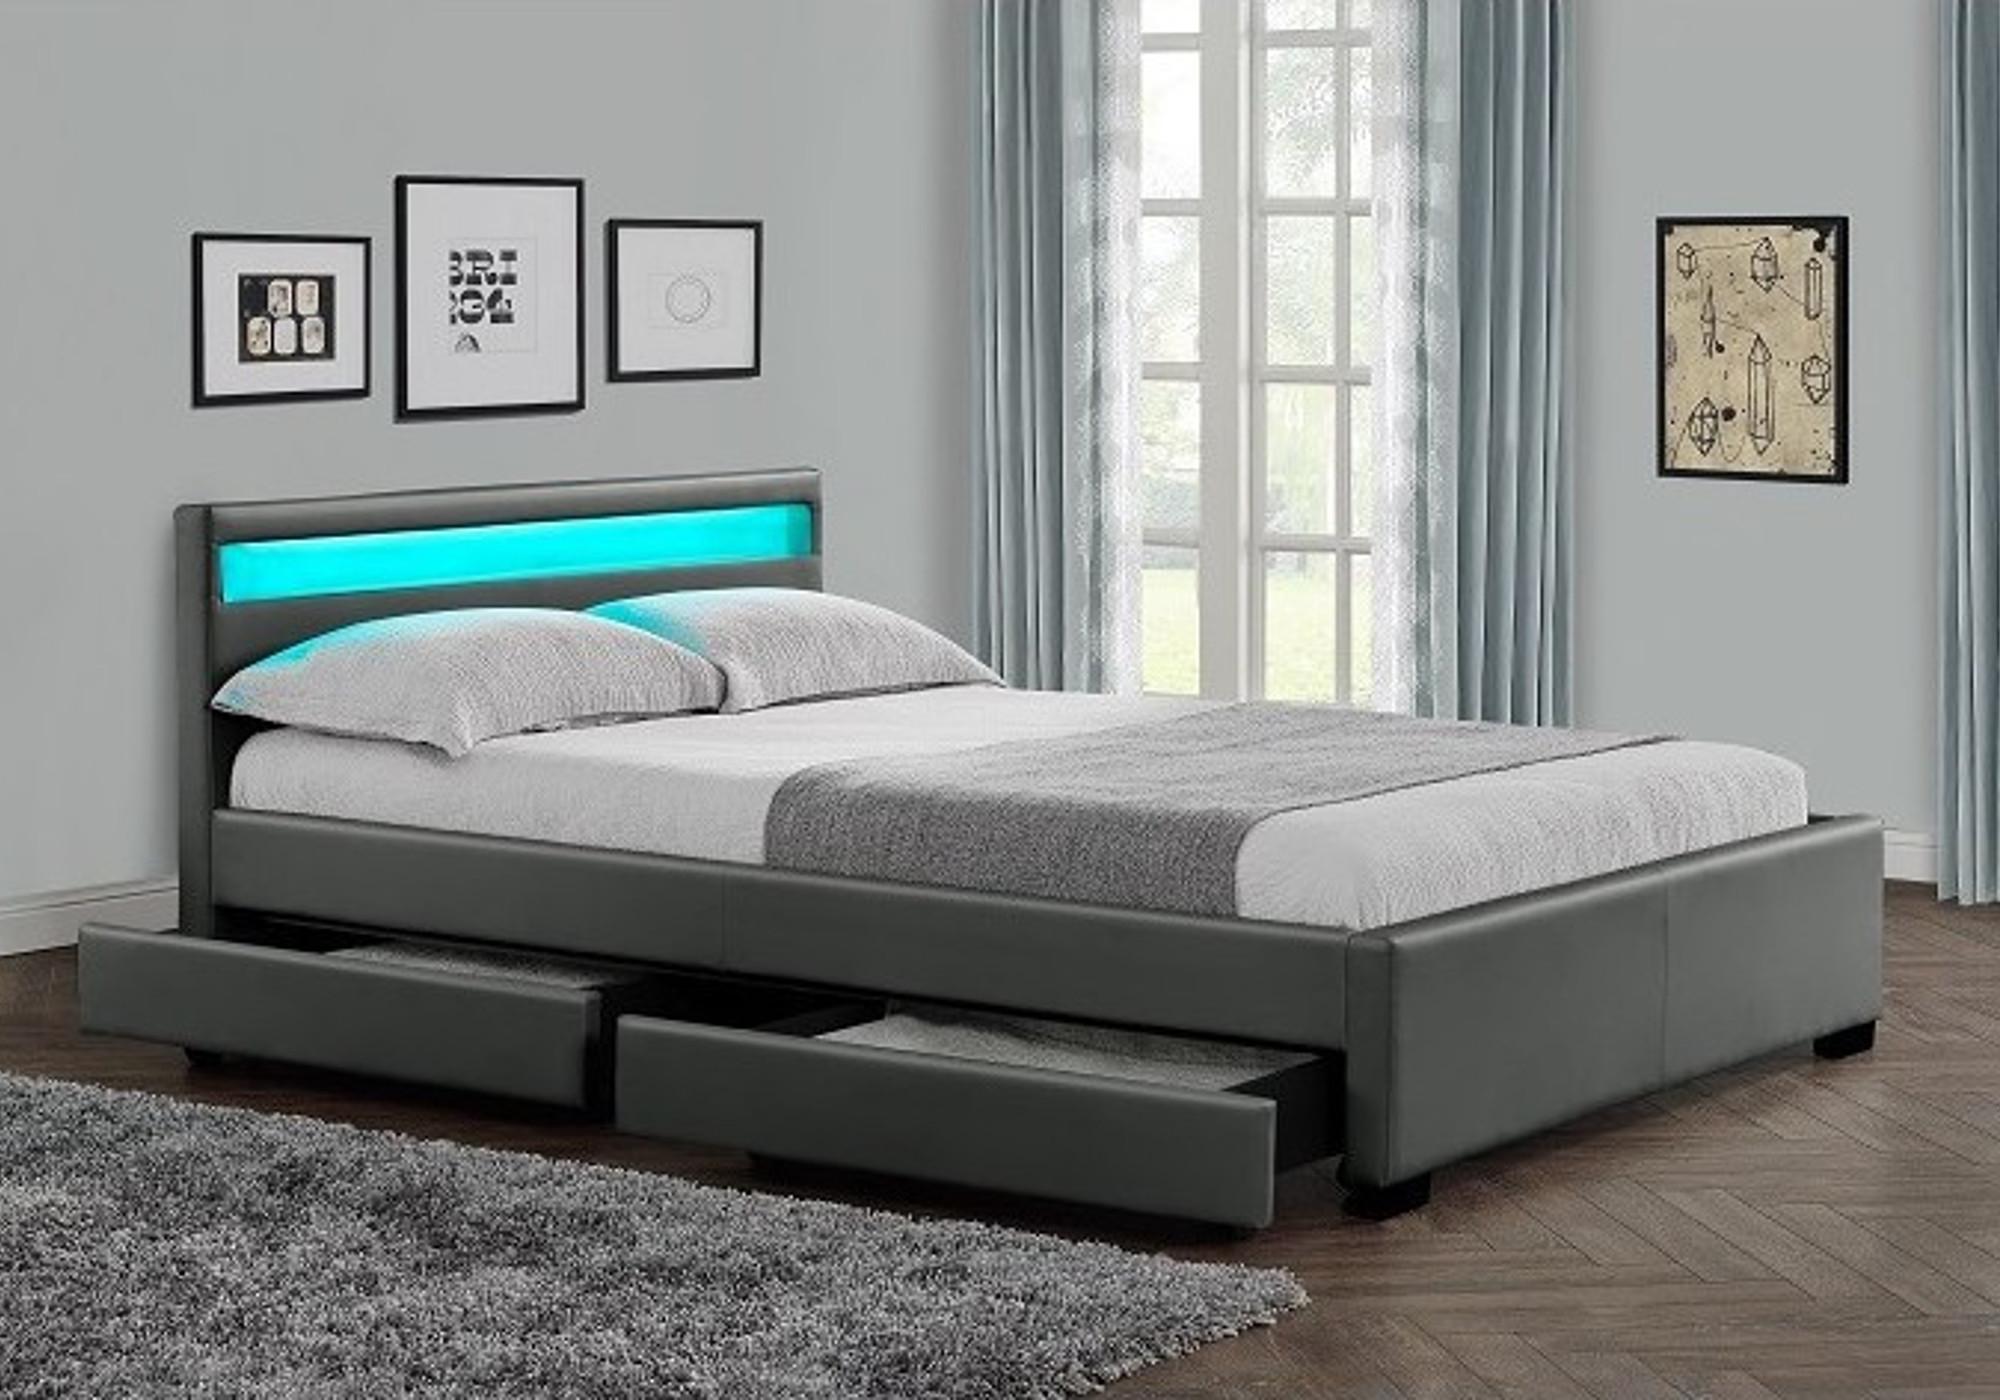 Lit design led rangements gris AVA XL